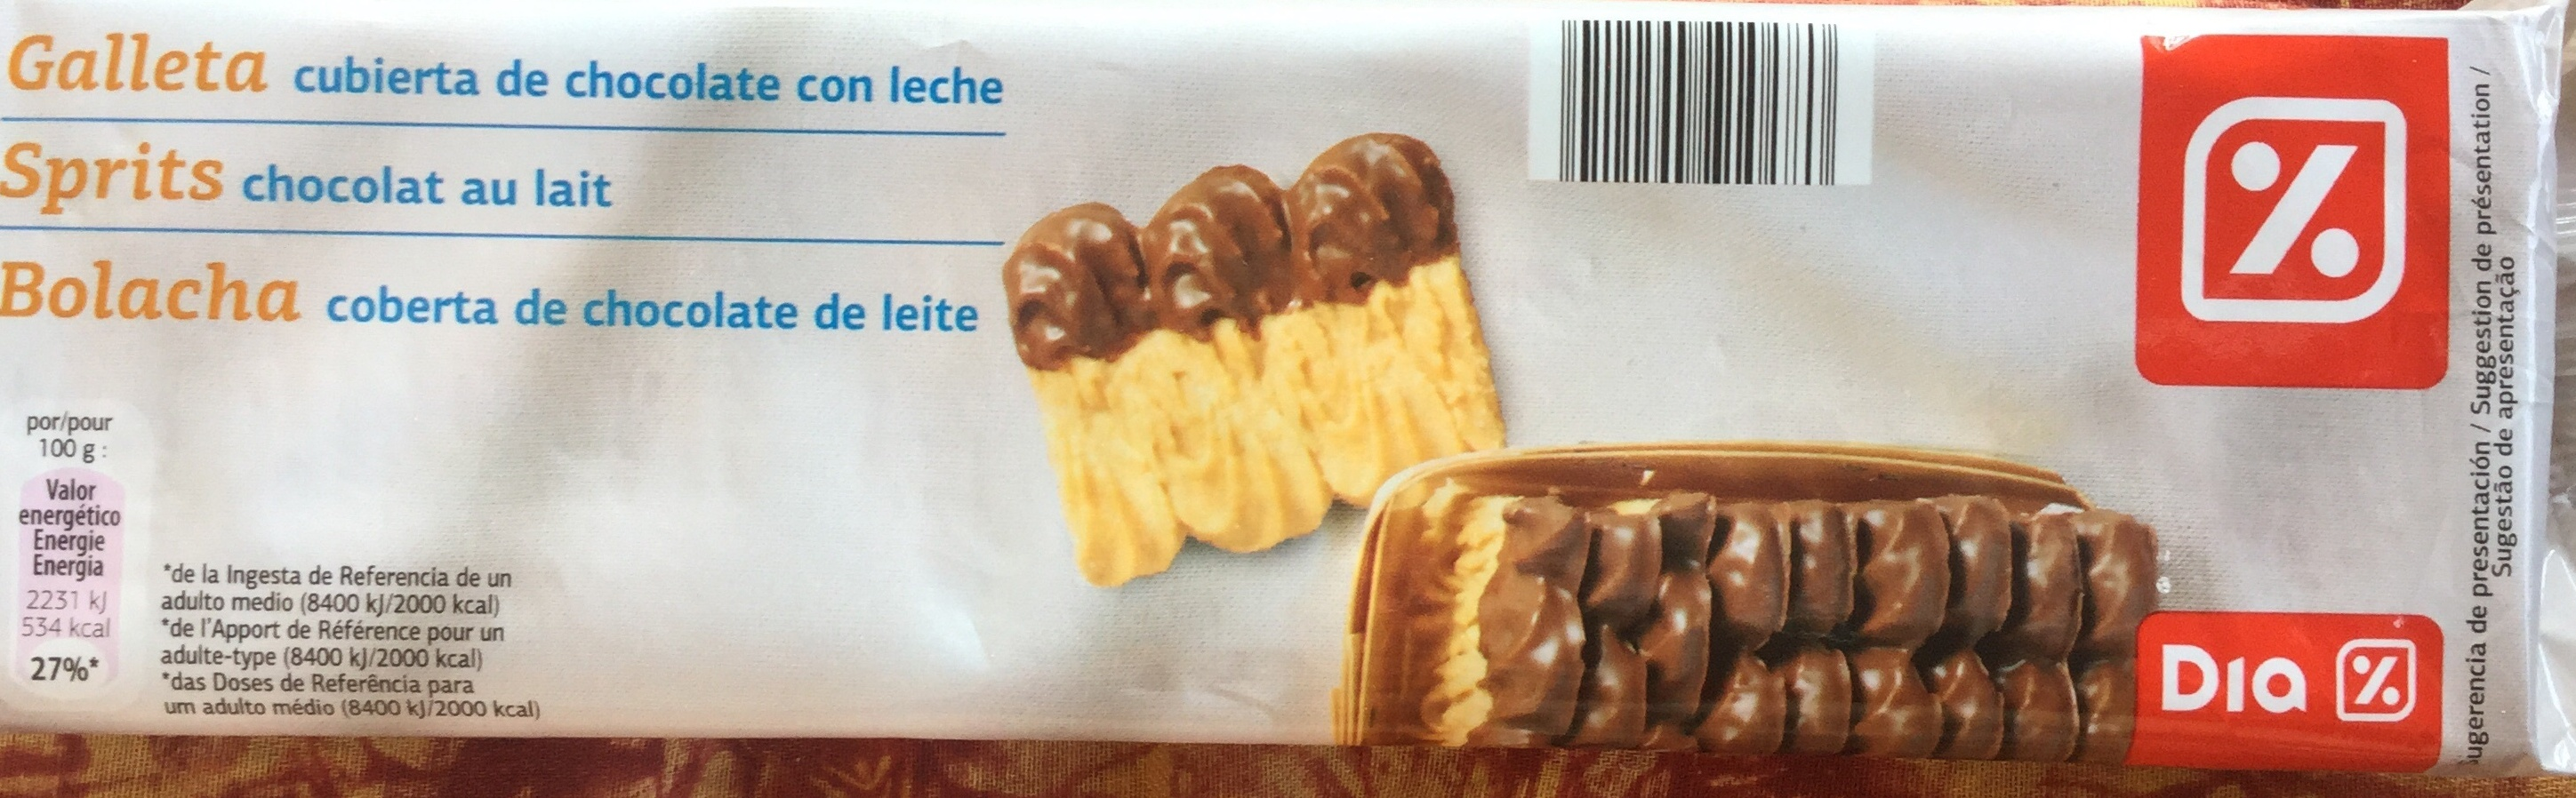 Sprits - chocolat au lait - Producto - fr